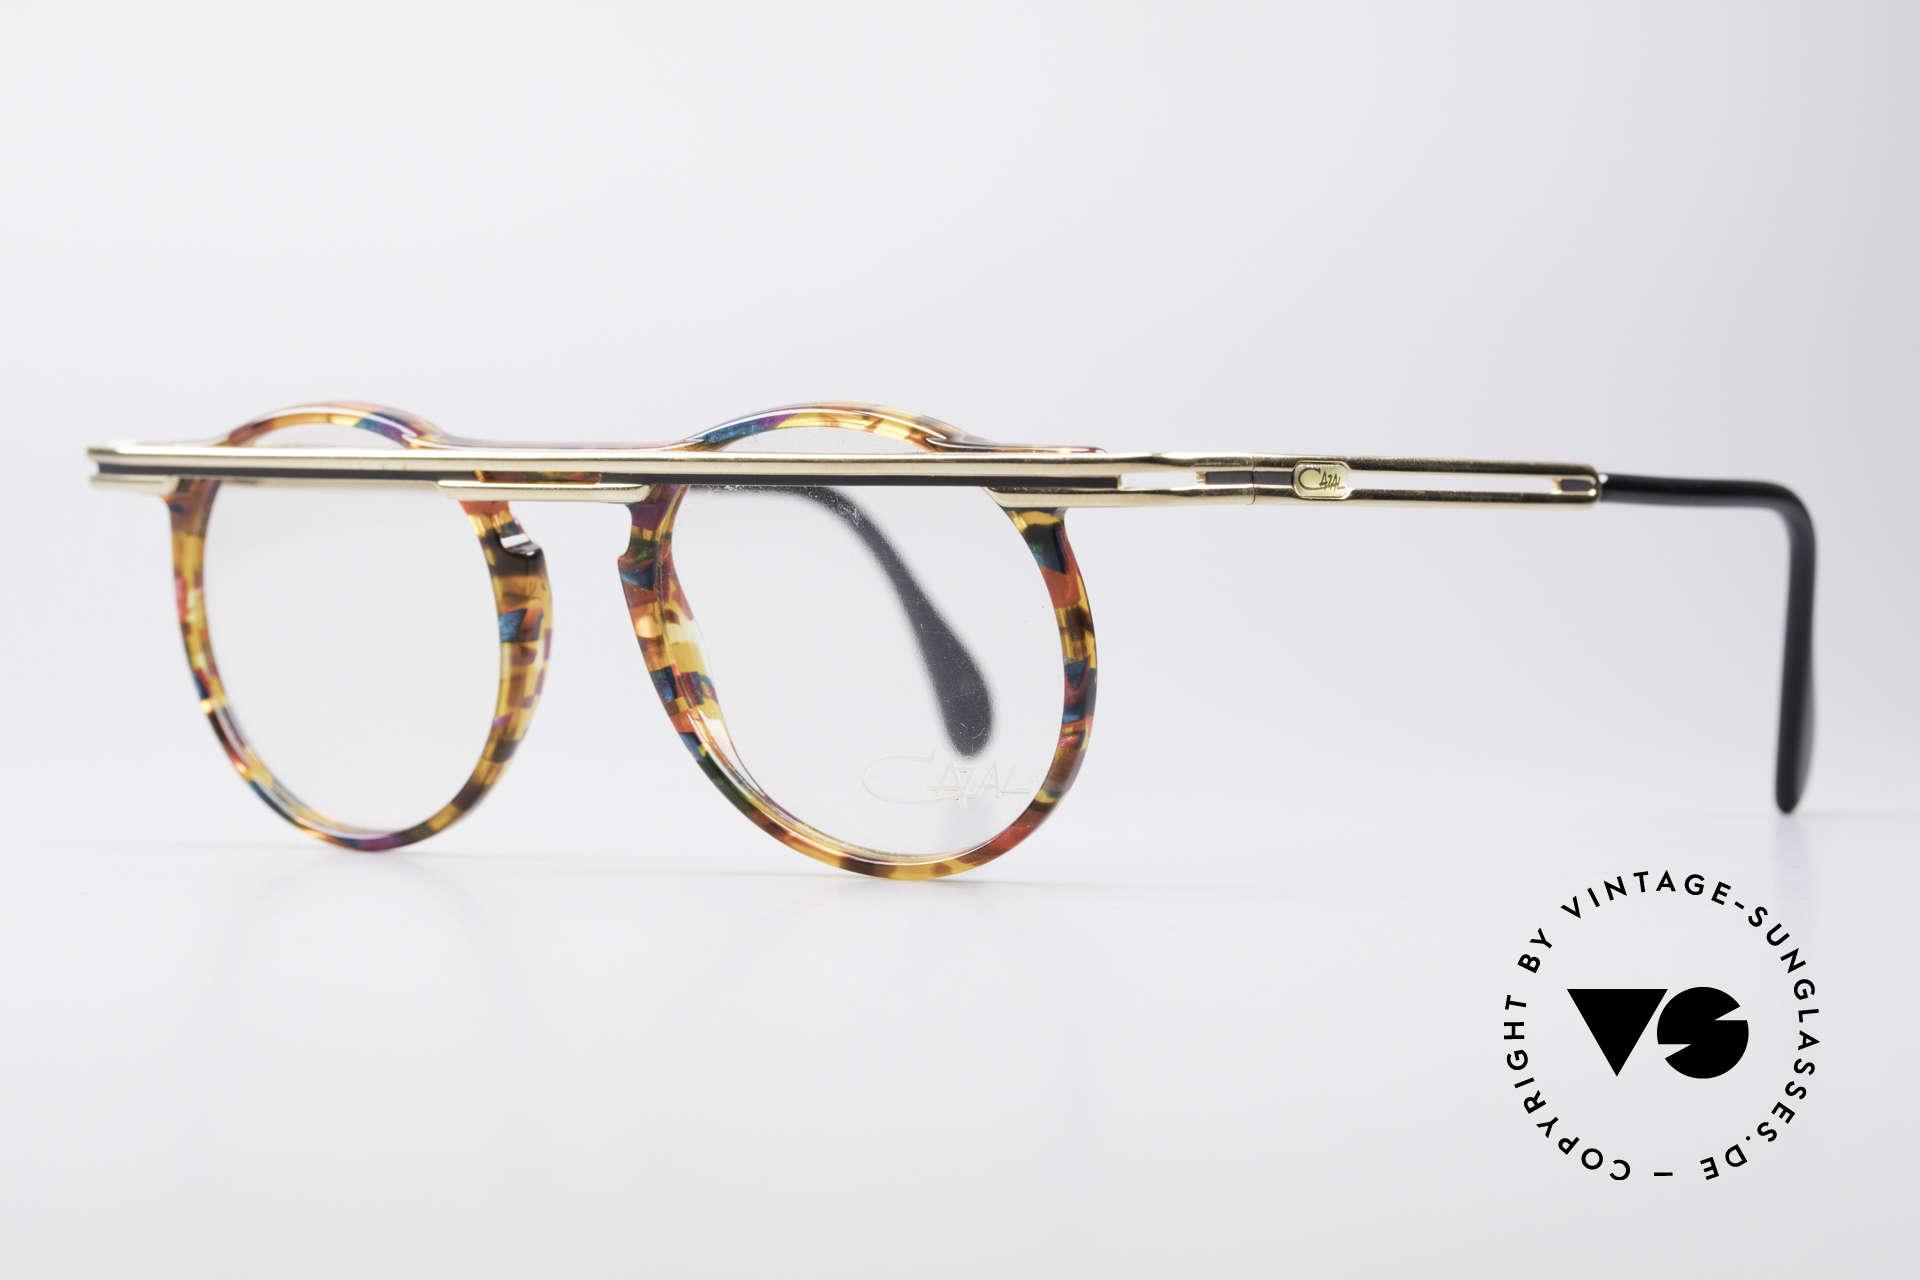 Cazal 648 Original Cari Zalloni Brille, extrovertierte Rahmengestaltung in Farbe & Form, Passend für Herren und Damen